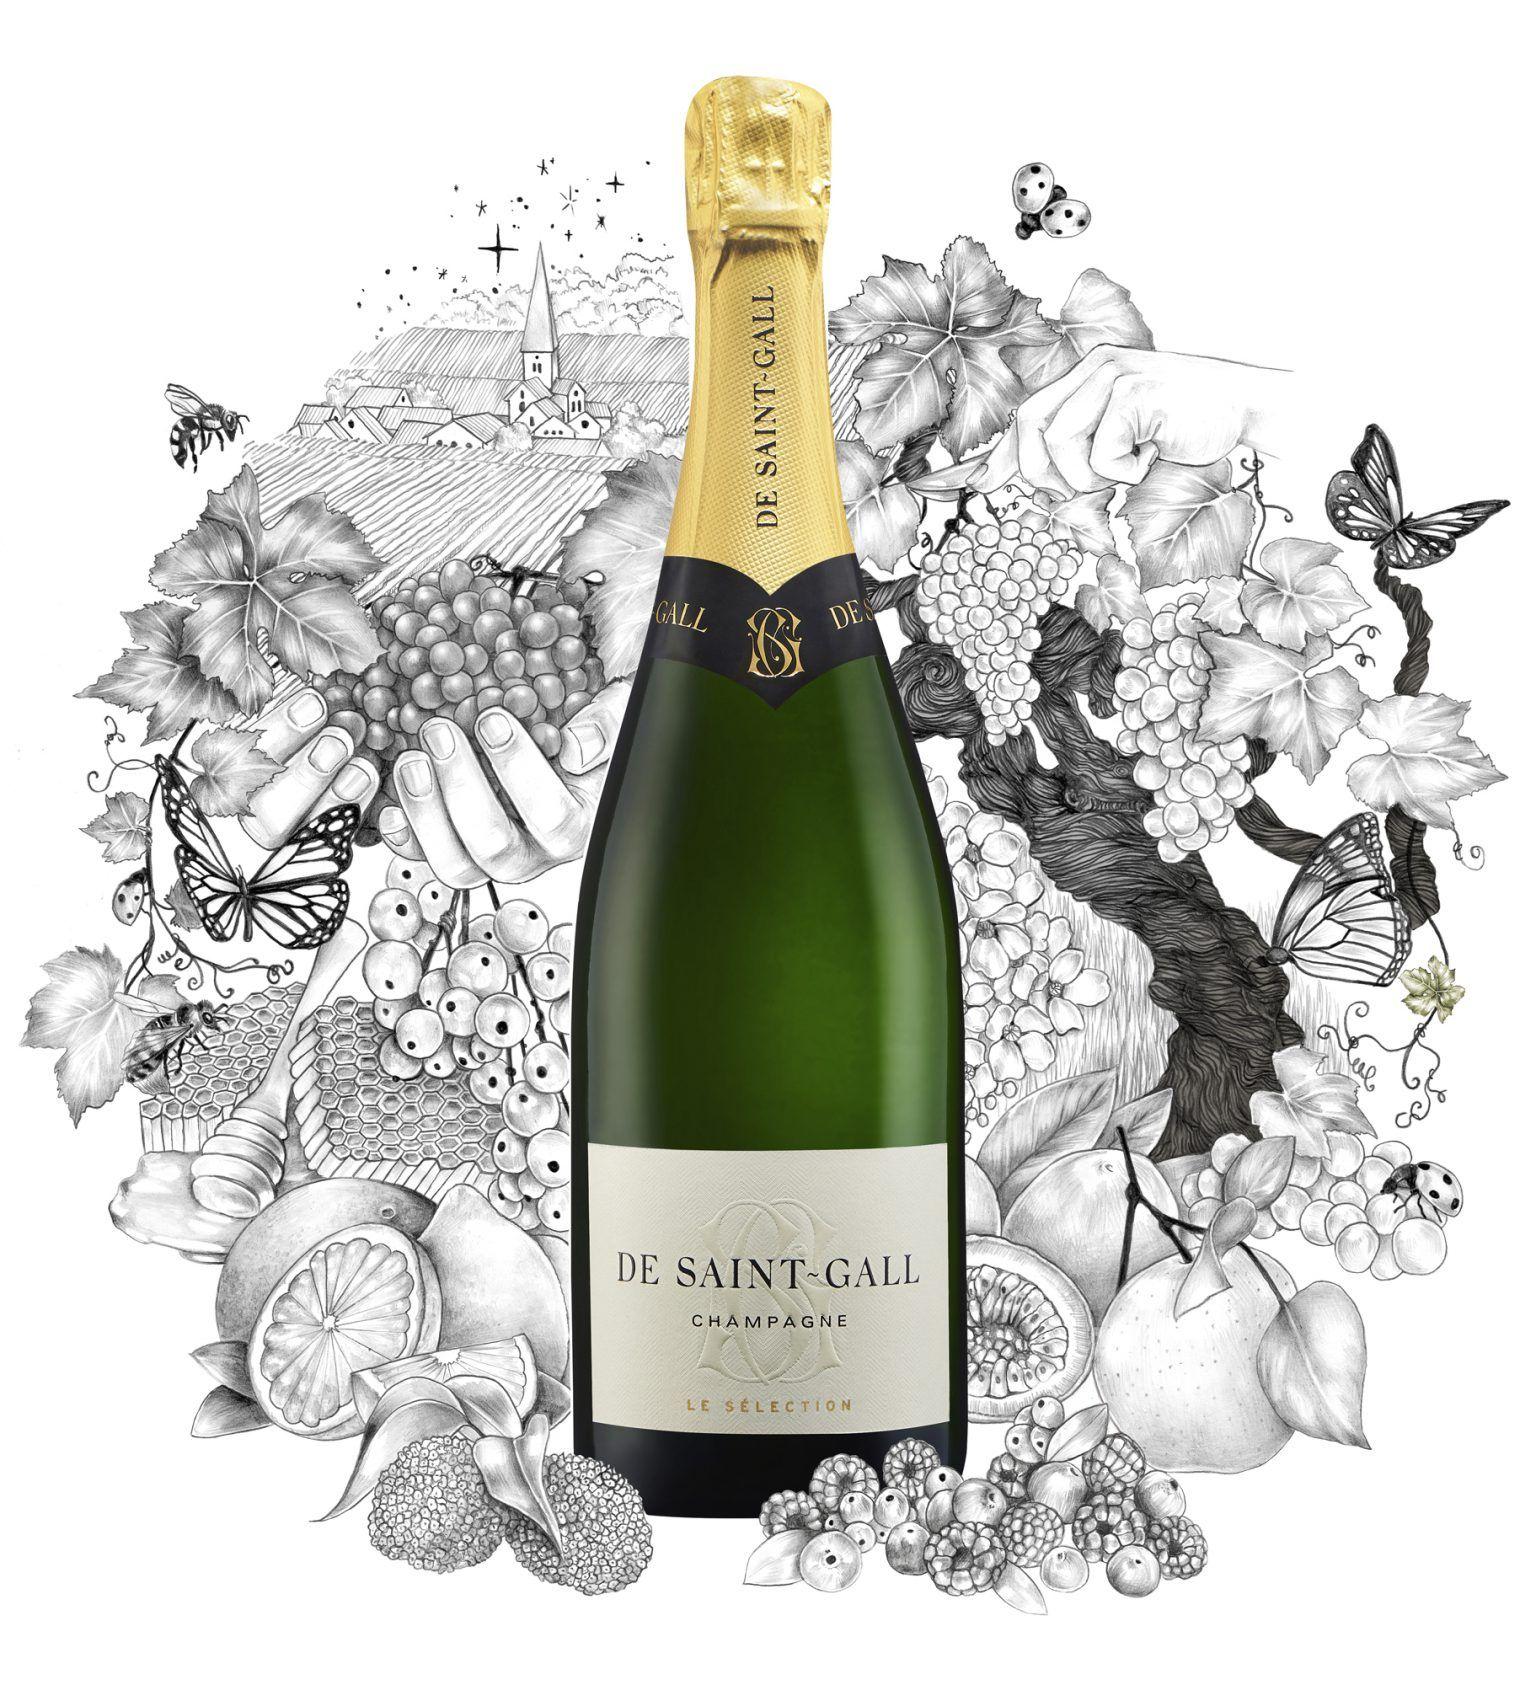 Champagne frais Le Sélection De Saint-Gall